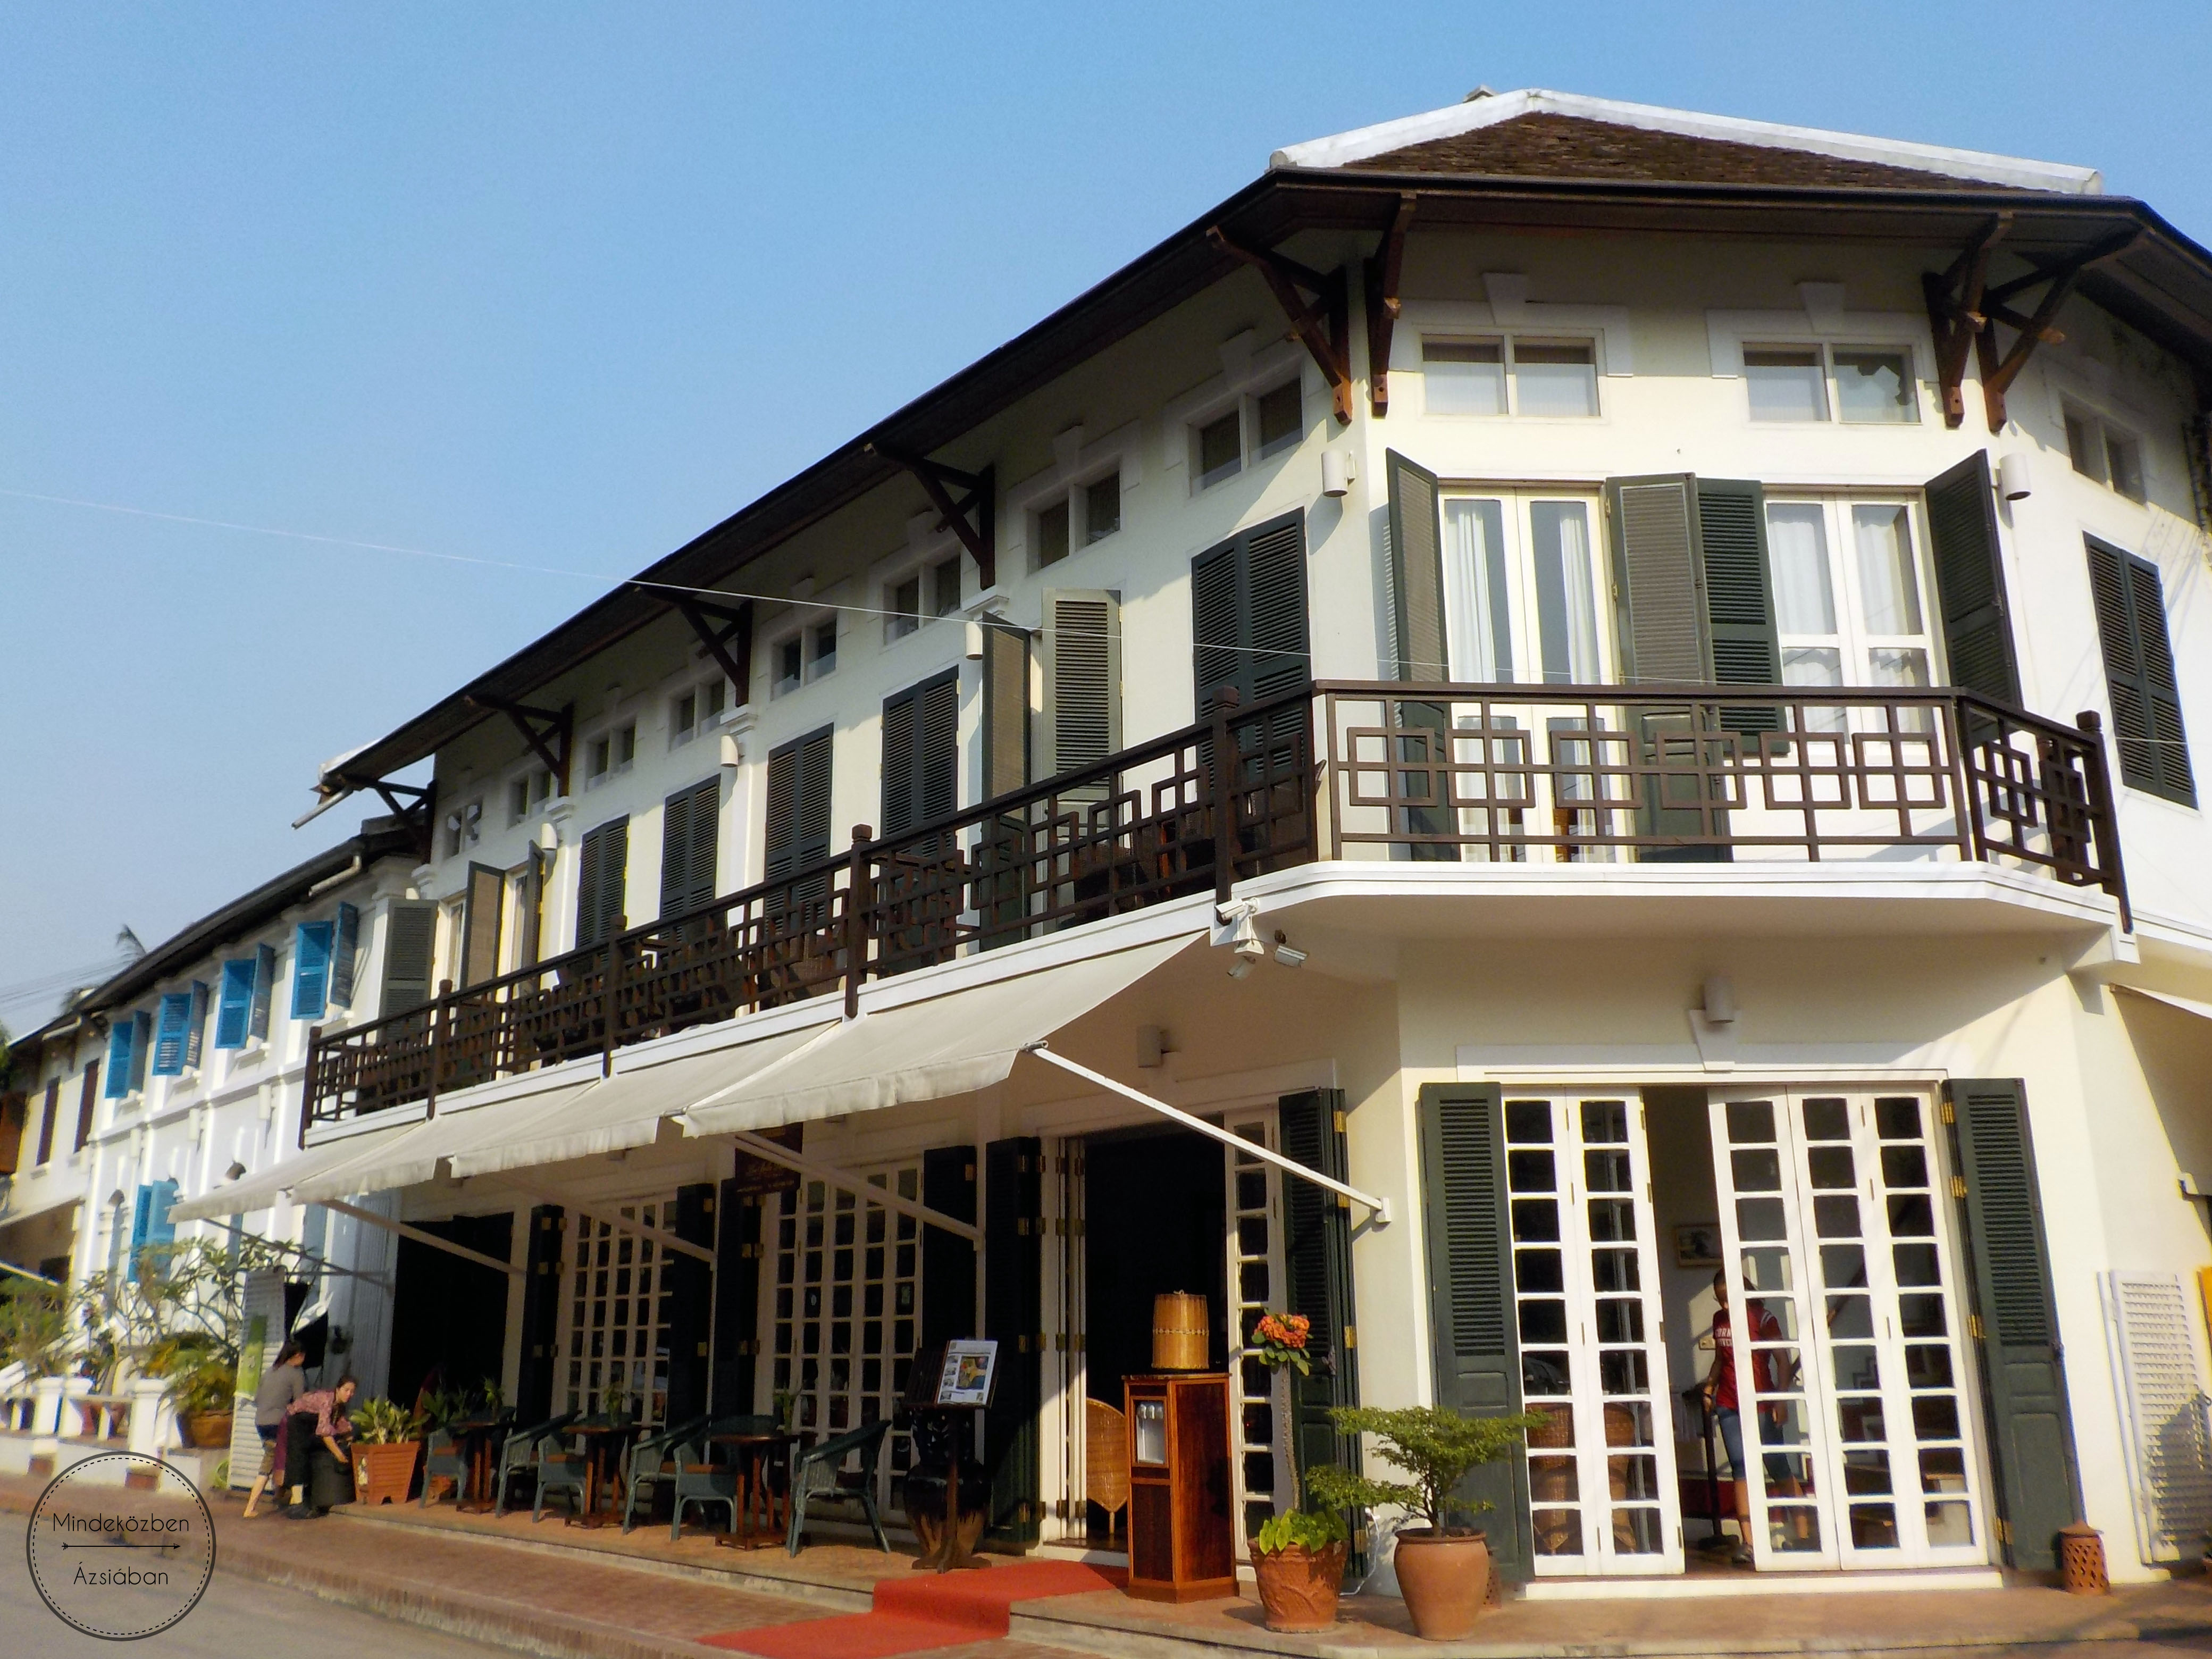 A Mekong partján sorban sorakoznak a francia gyarmati stílusban épült házak.